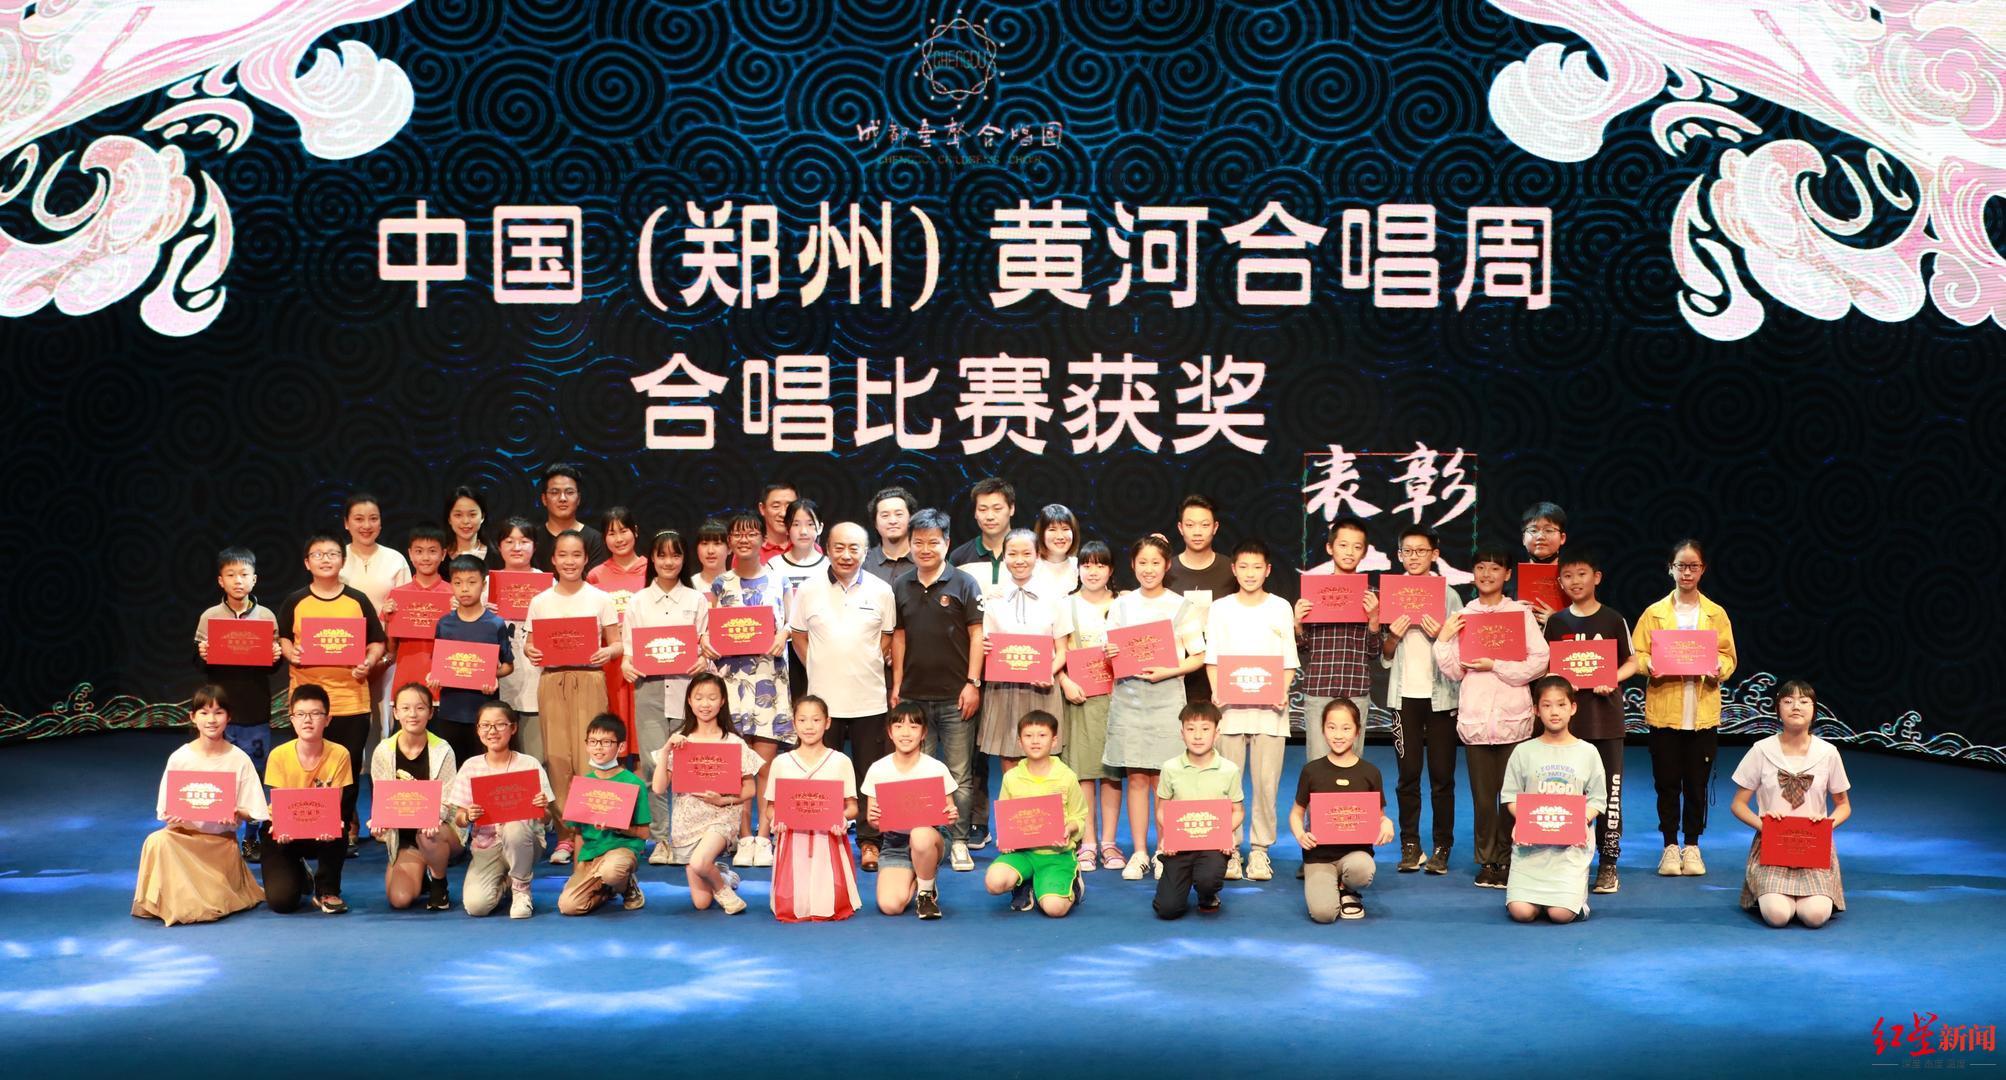 """成都童声合唱团获首届""""中国黄河合唱周""""合唱比赛铜奖等五个奖项"""